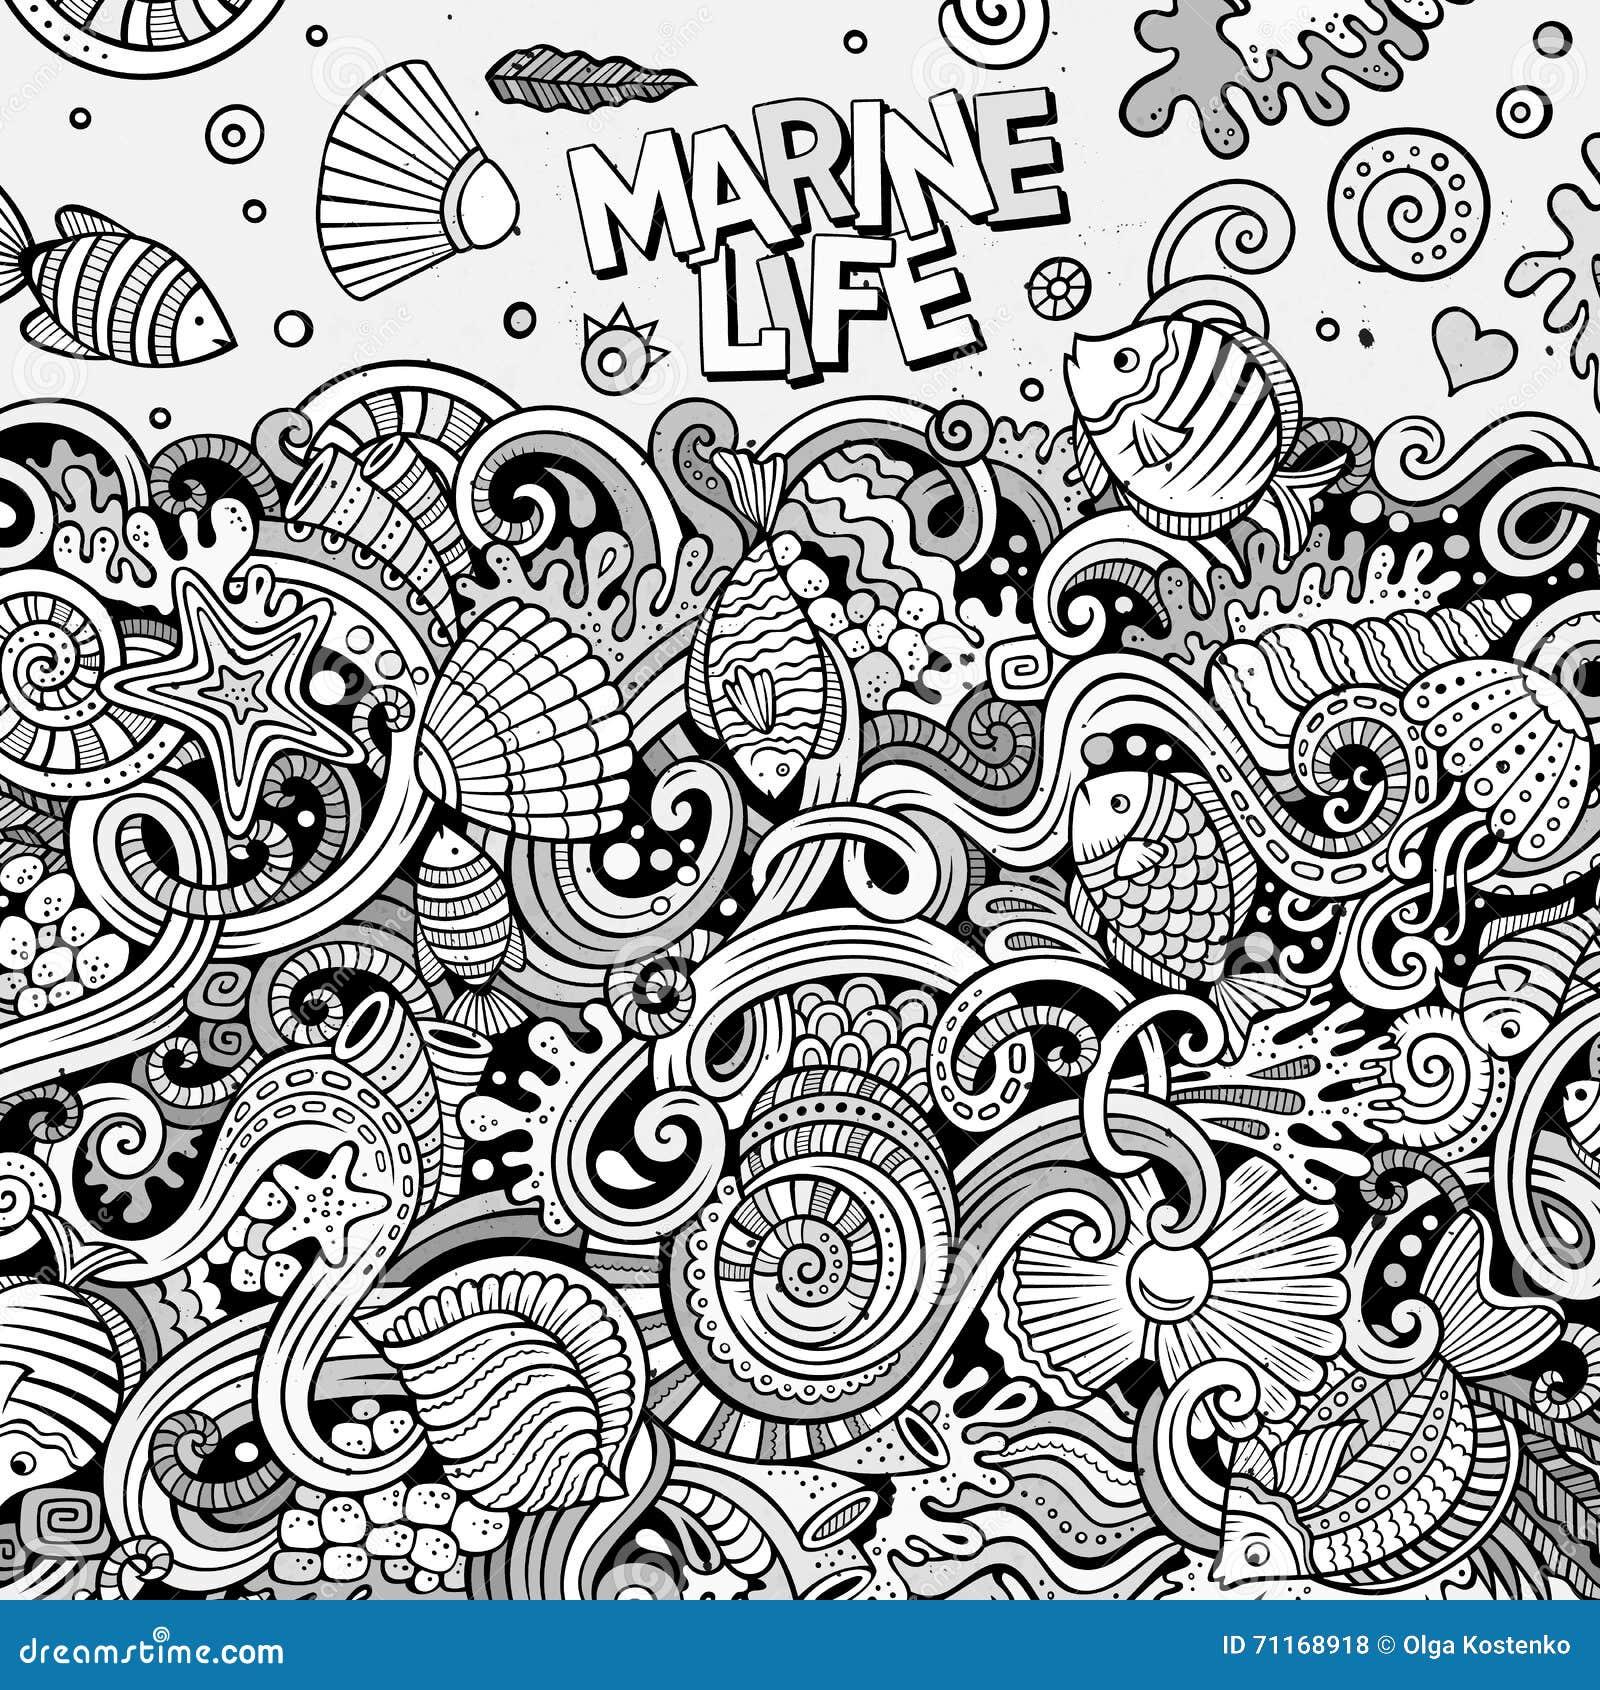 Line Art Underwater : Cartoon hand drawn doodles underwater life illustration